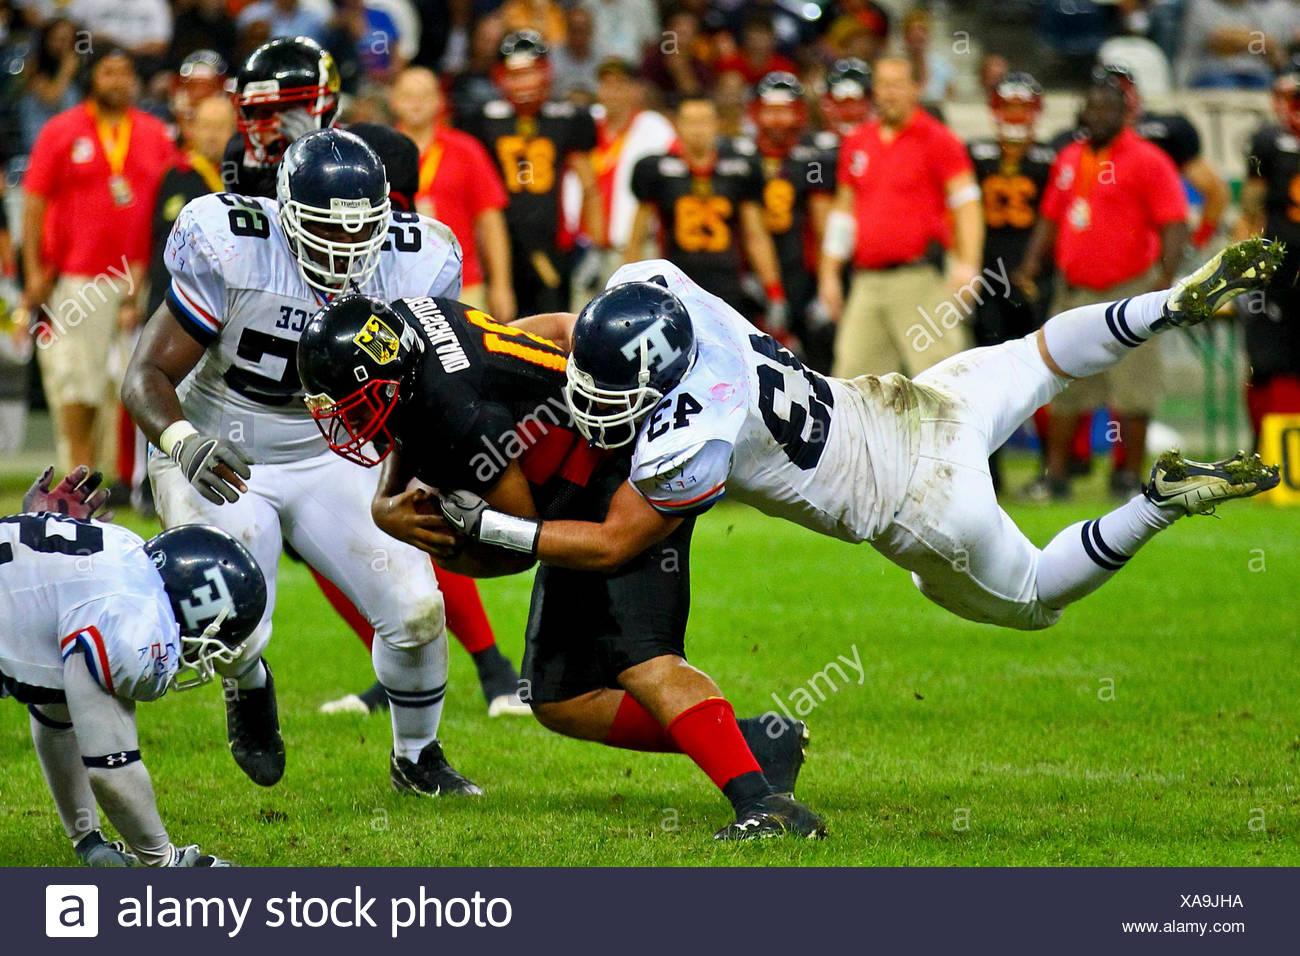 American Football, championnat d'Europe 2010, l'Allemagne et la France dans la Grande Finale de la Commerzbank Arena, Francfort, la Hesse Photo Stock